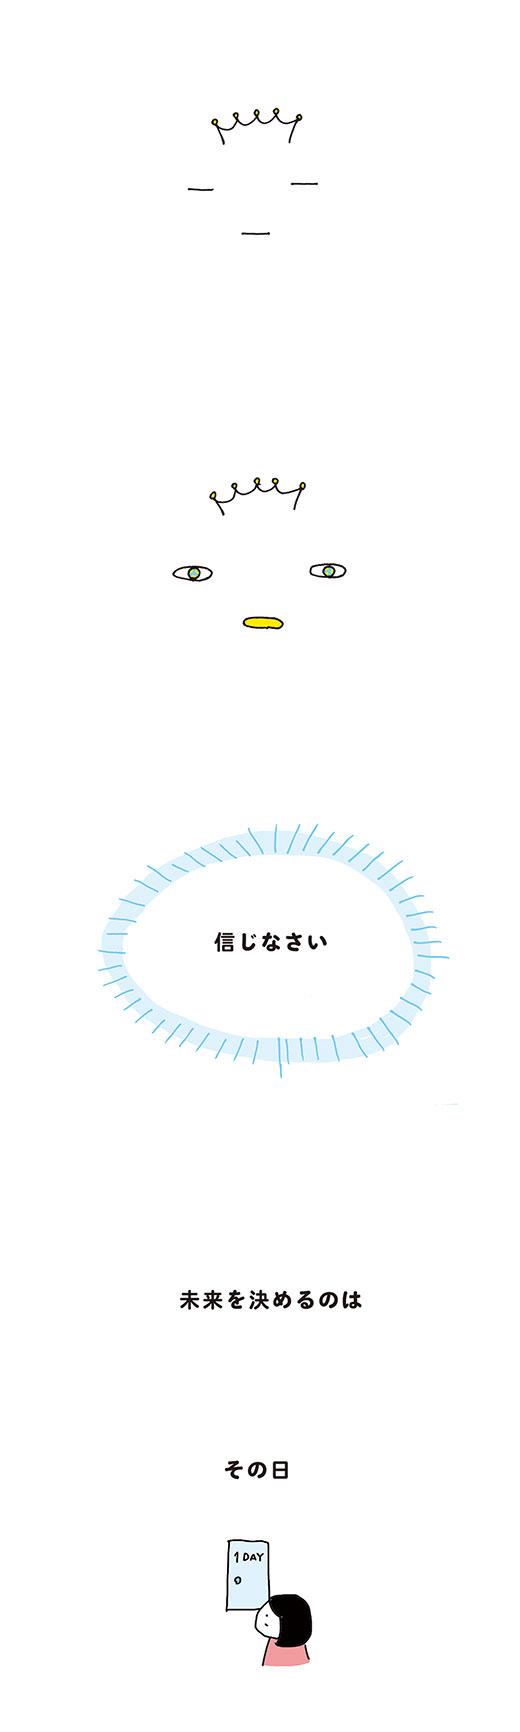 190703_kotaeteq_01